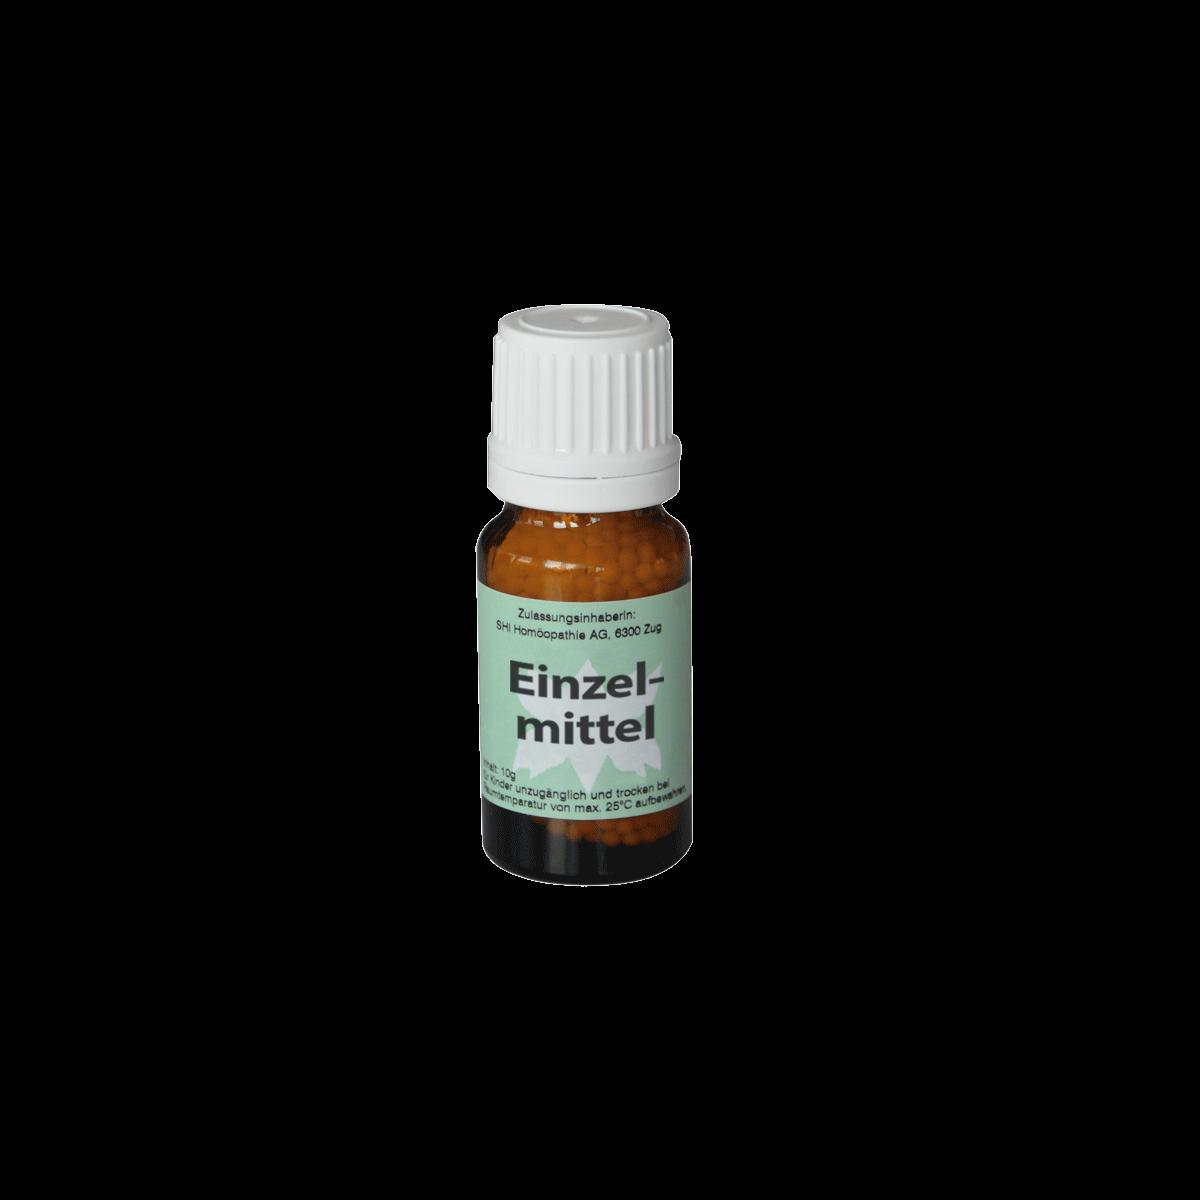 Amylium nitrosum